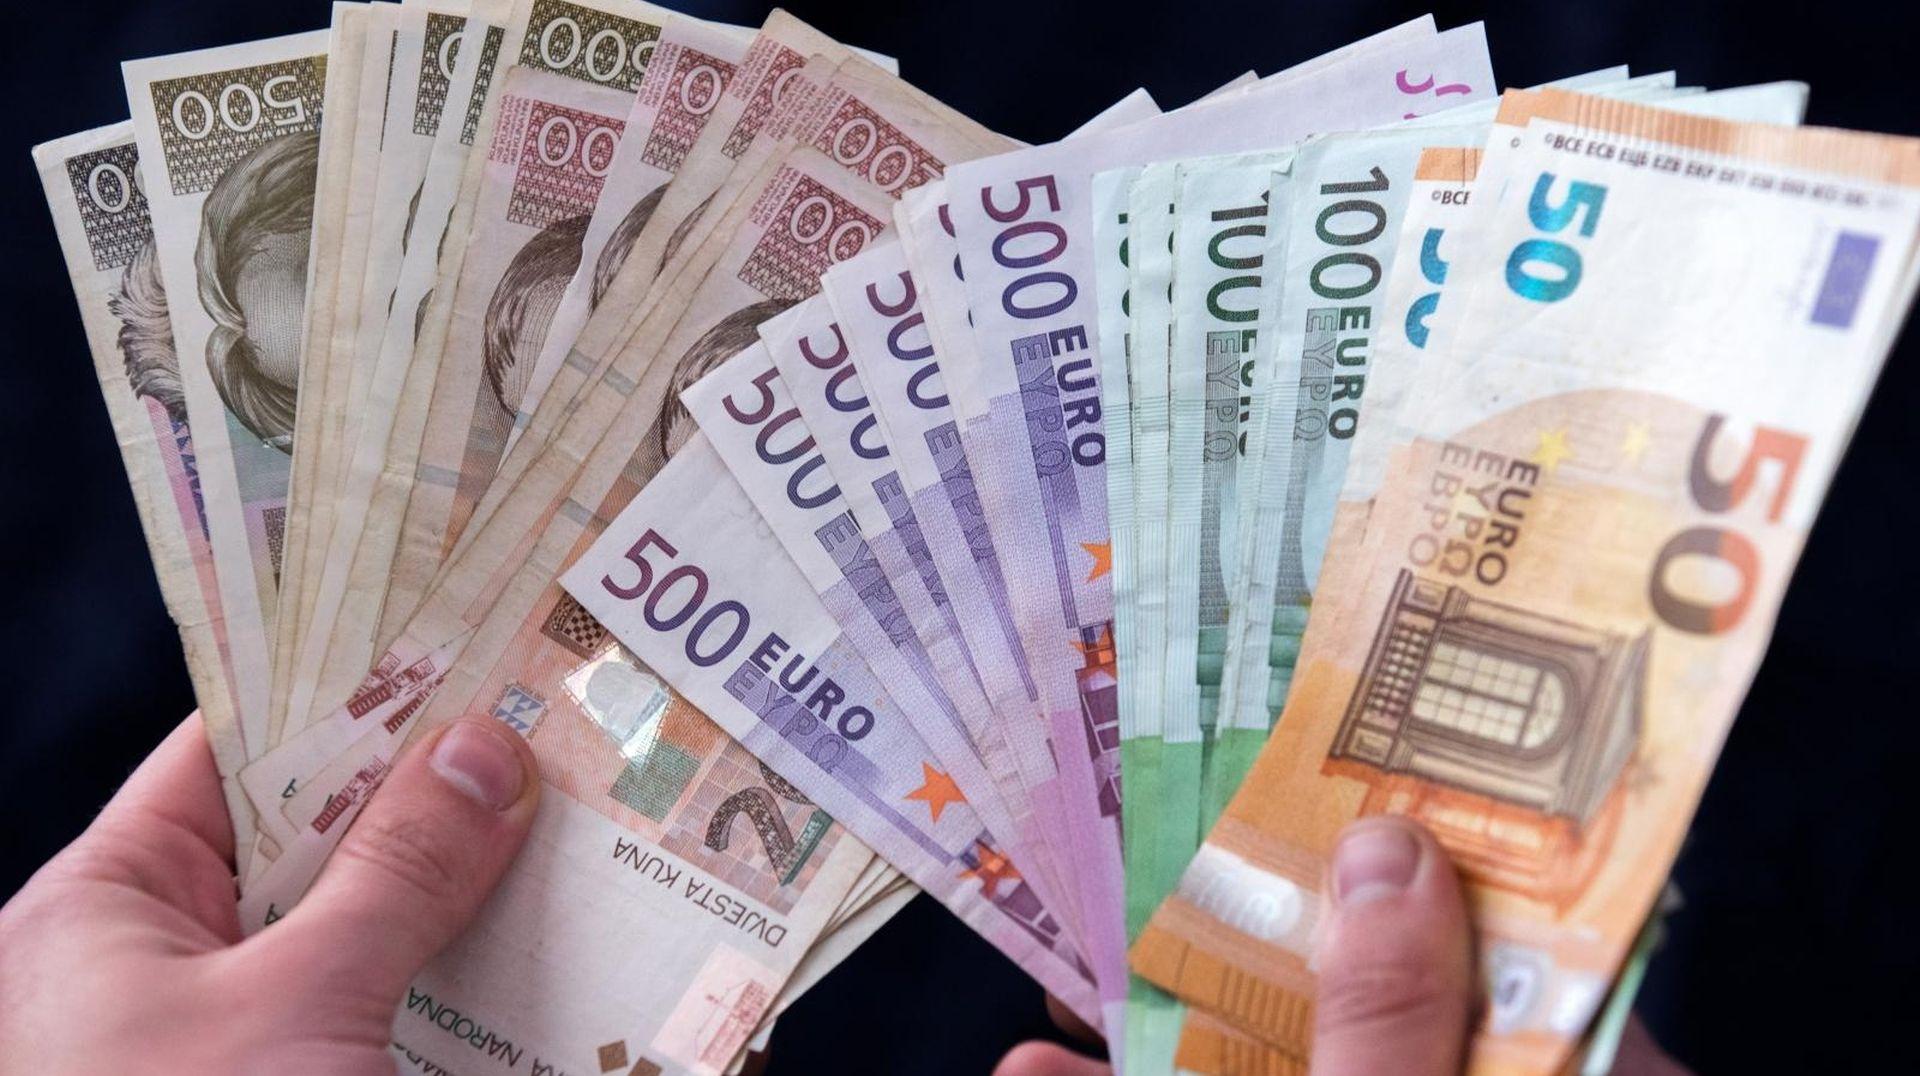 Hrvatskoj iz Fondova 2,7 milijardi kuna manje od planiranog?